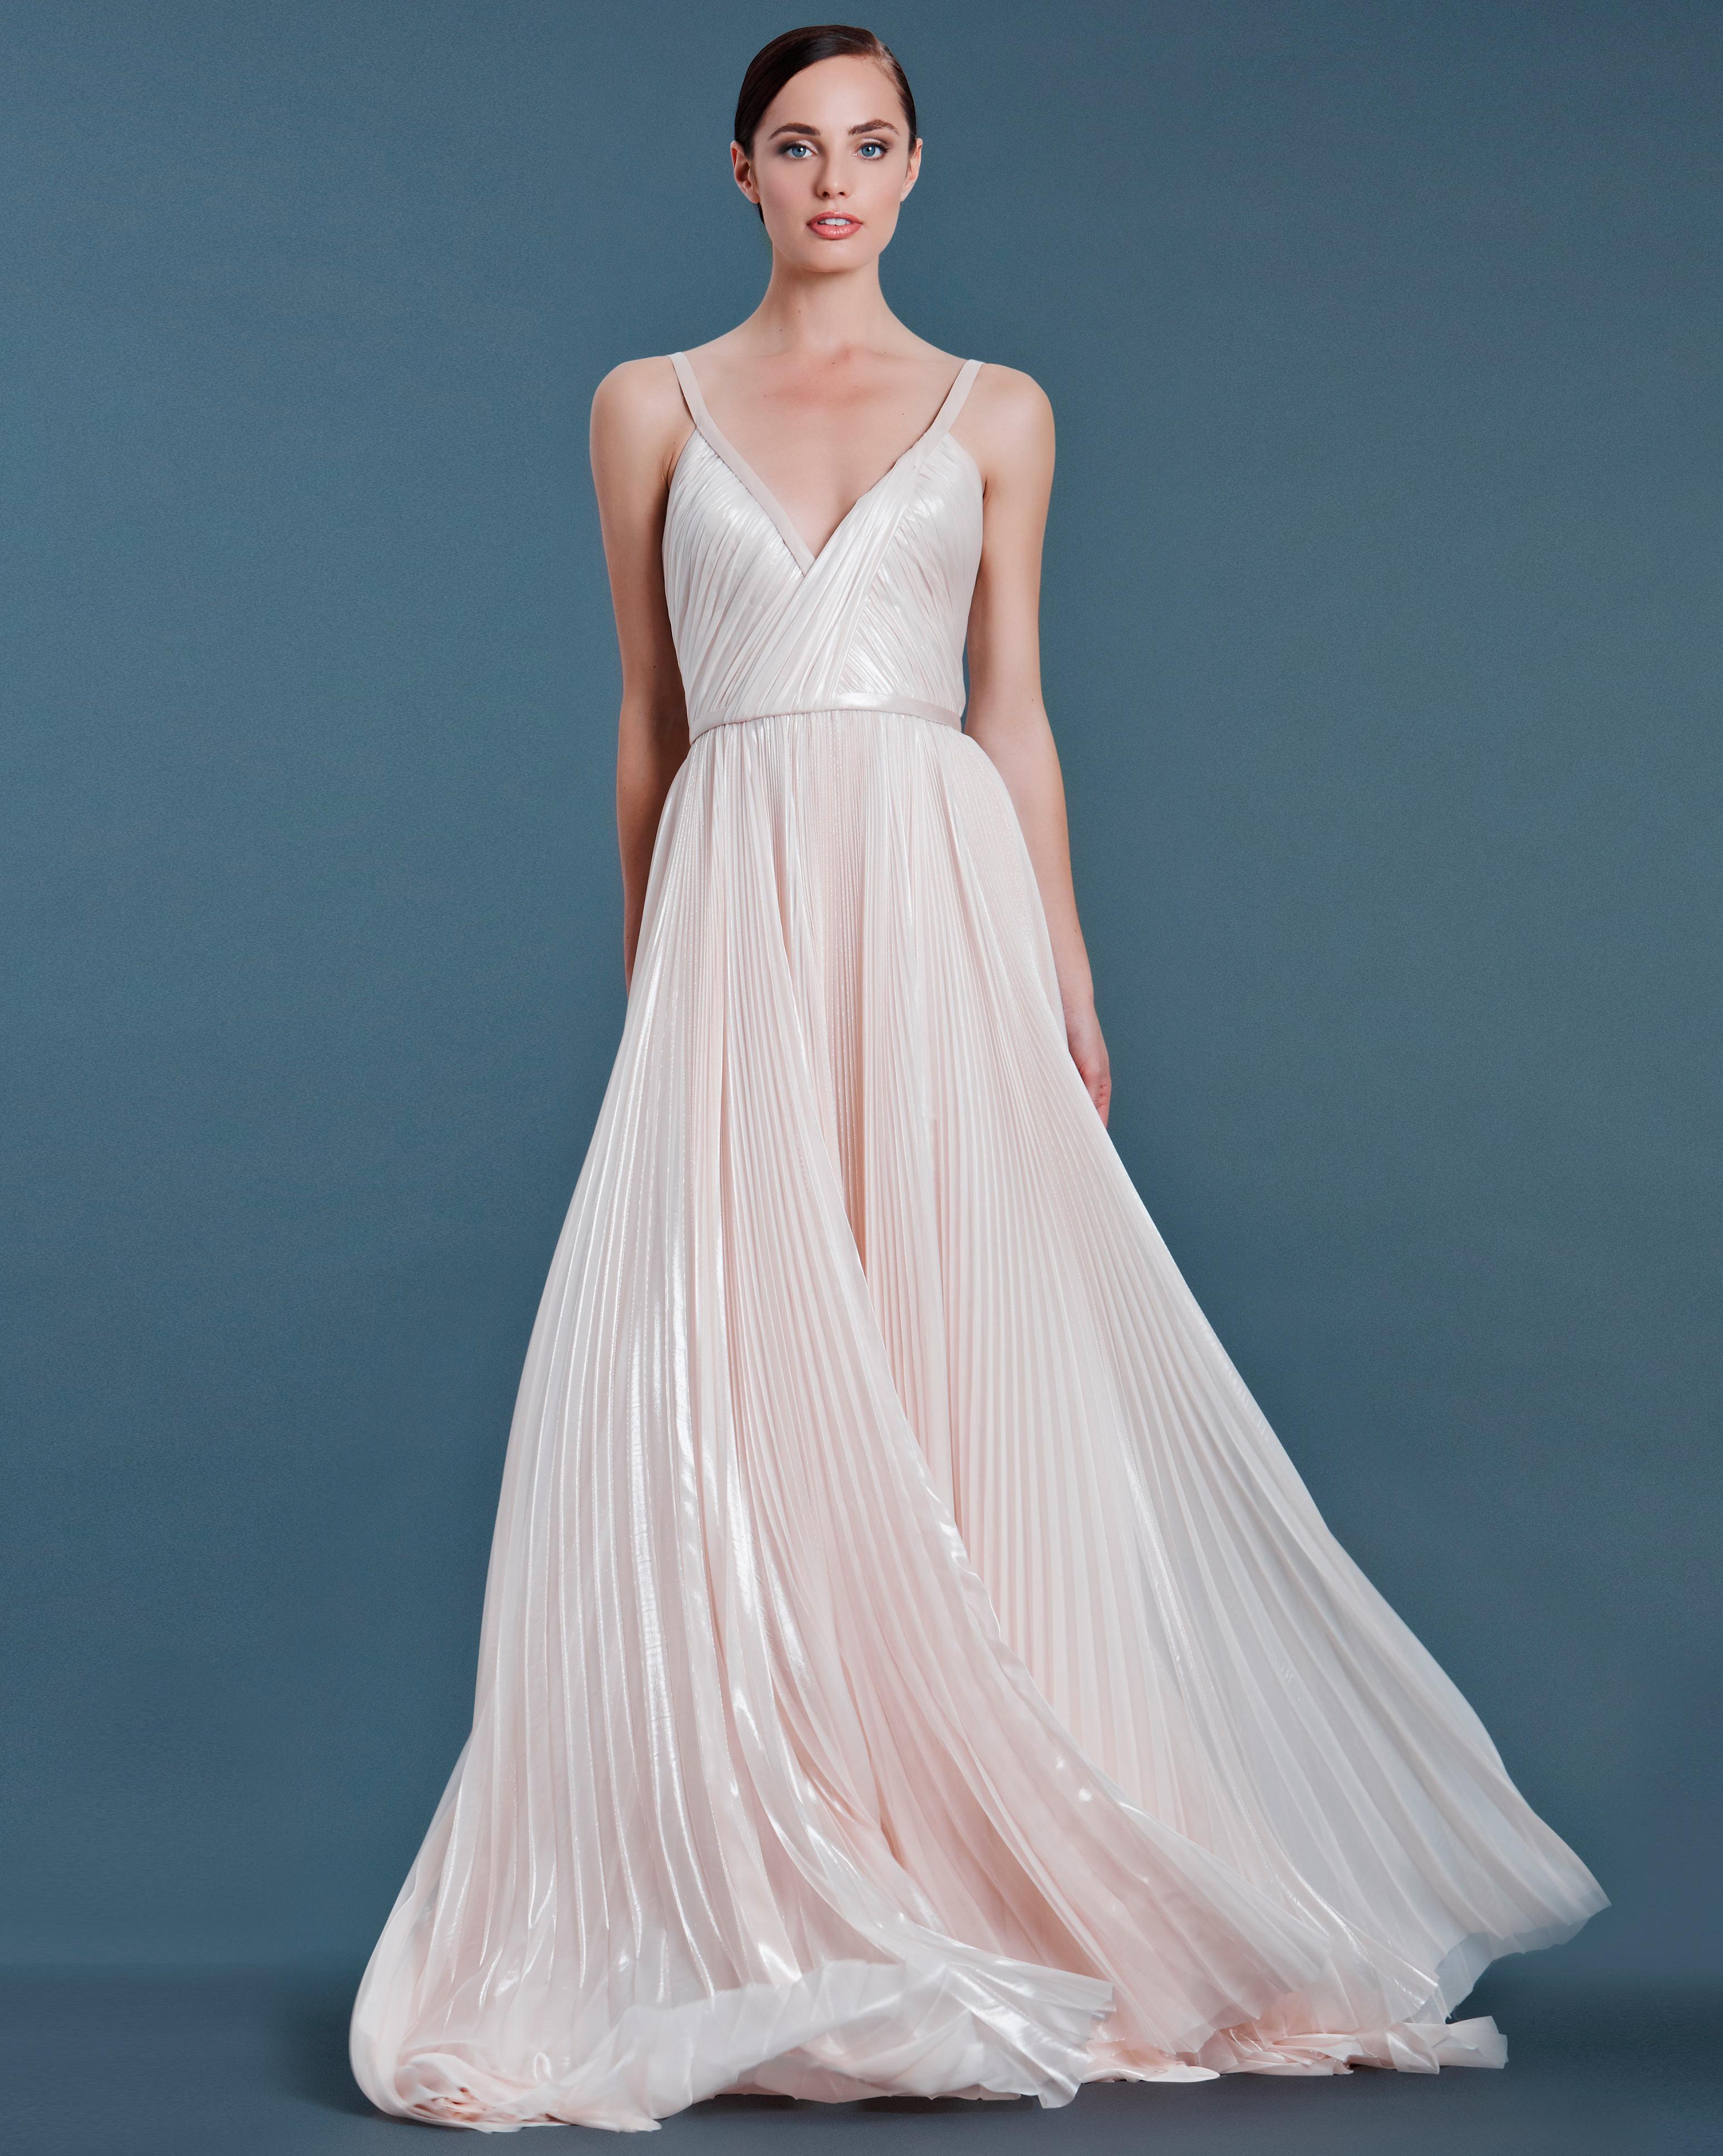 jmendel-fall2016-wedding-dress-5-genevieve.jpg